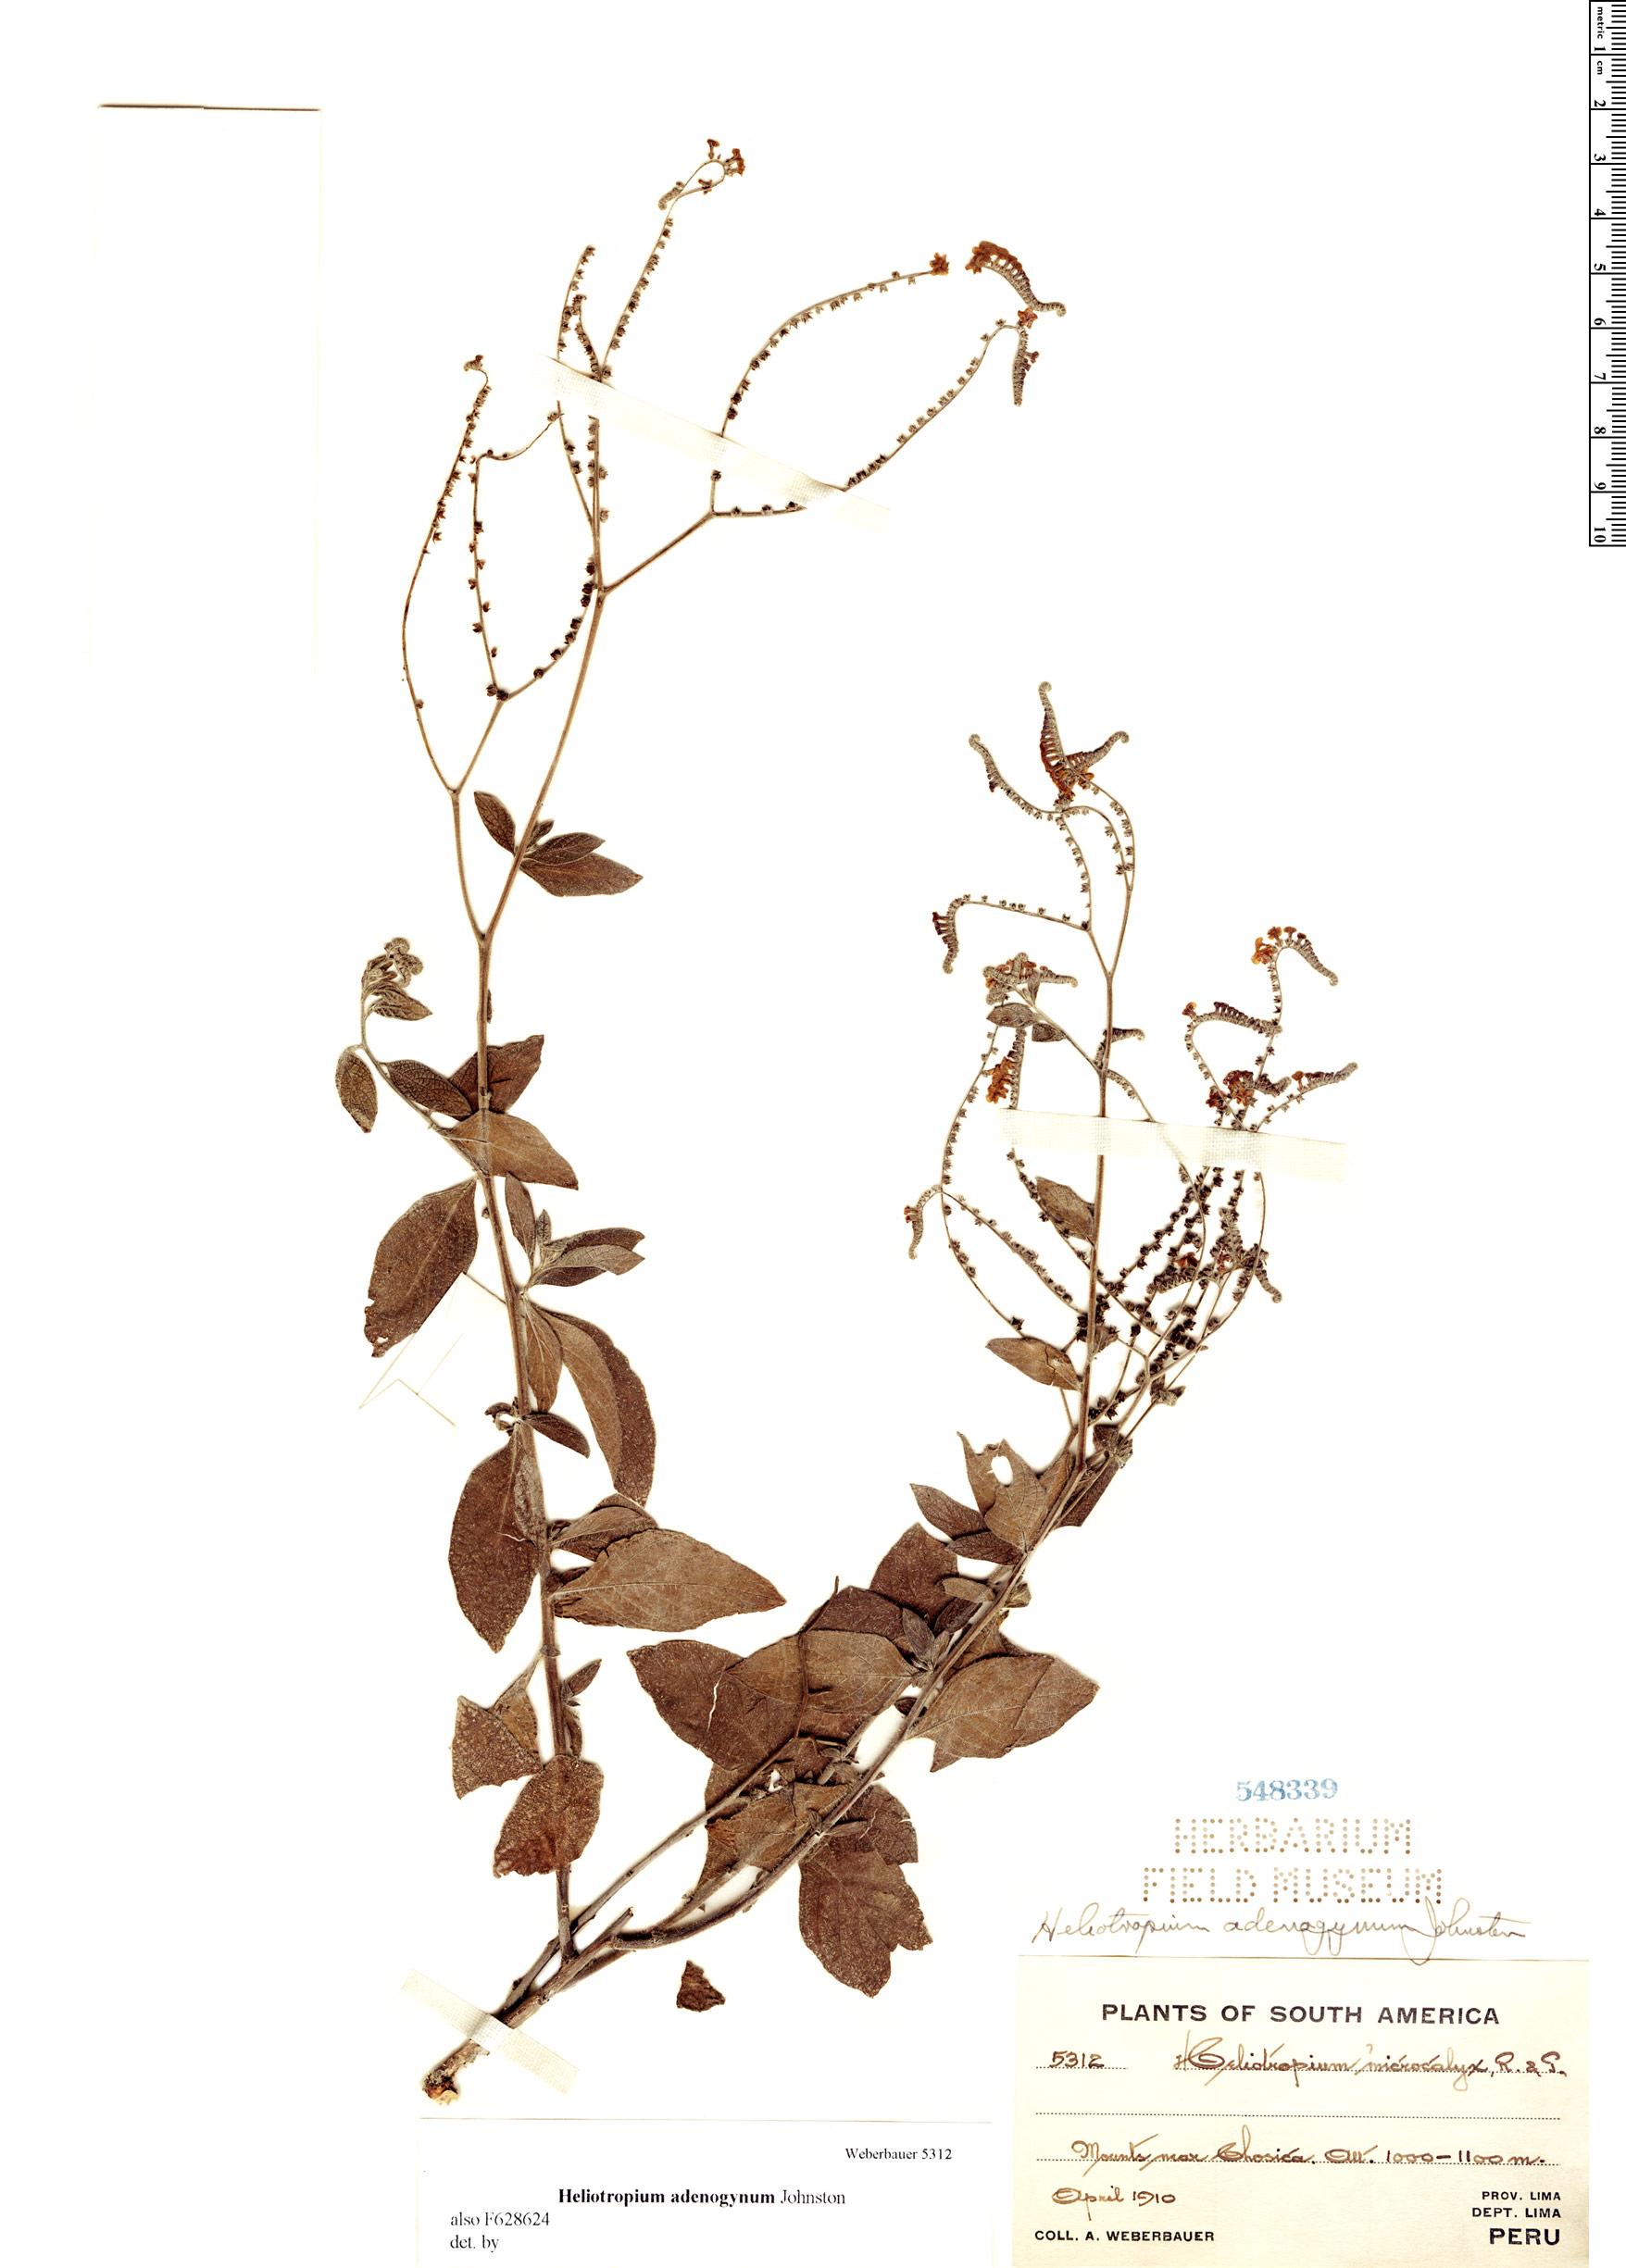 Specimen: Heliotropium adenogynum